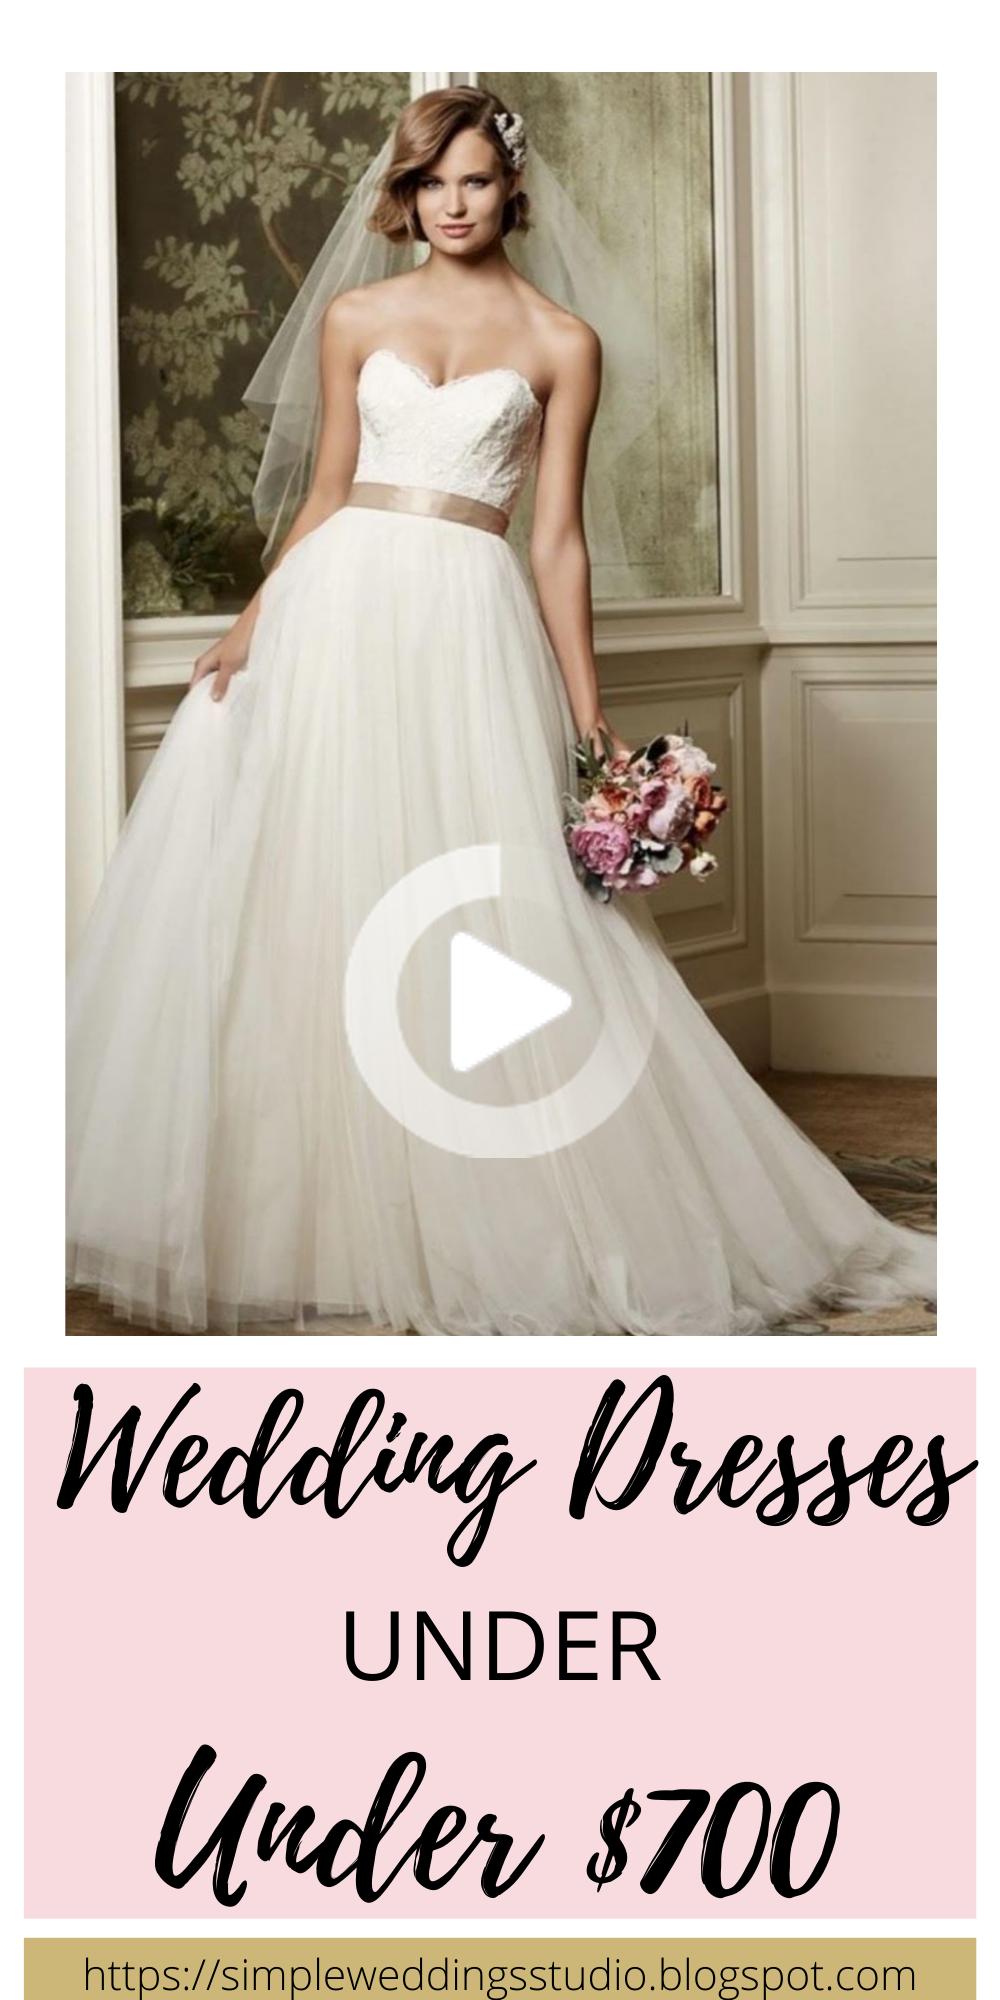 Encuentra vestido de novia Usted $ 20   Wedding dresses, Dresses ...